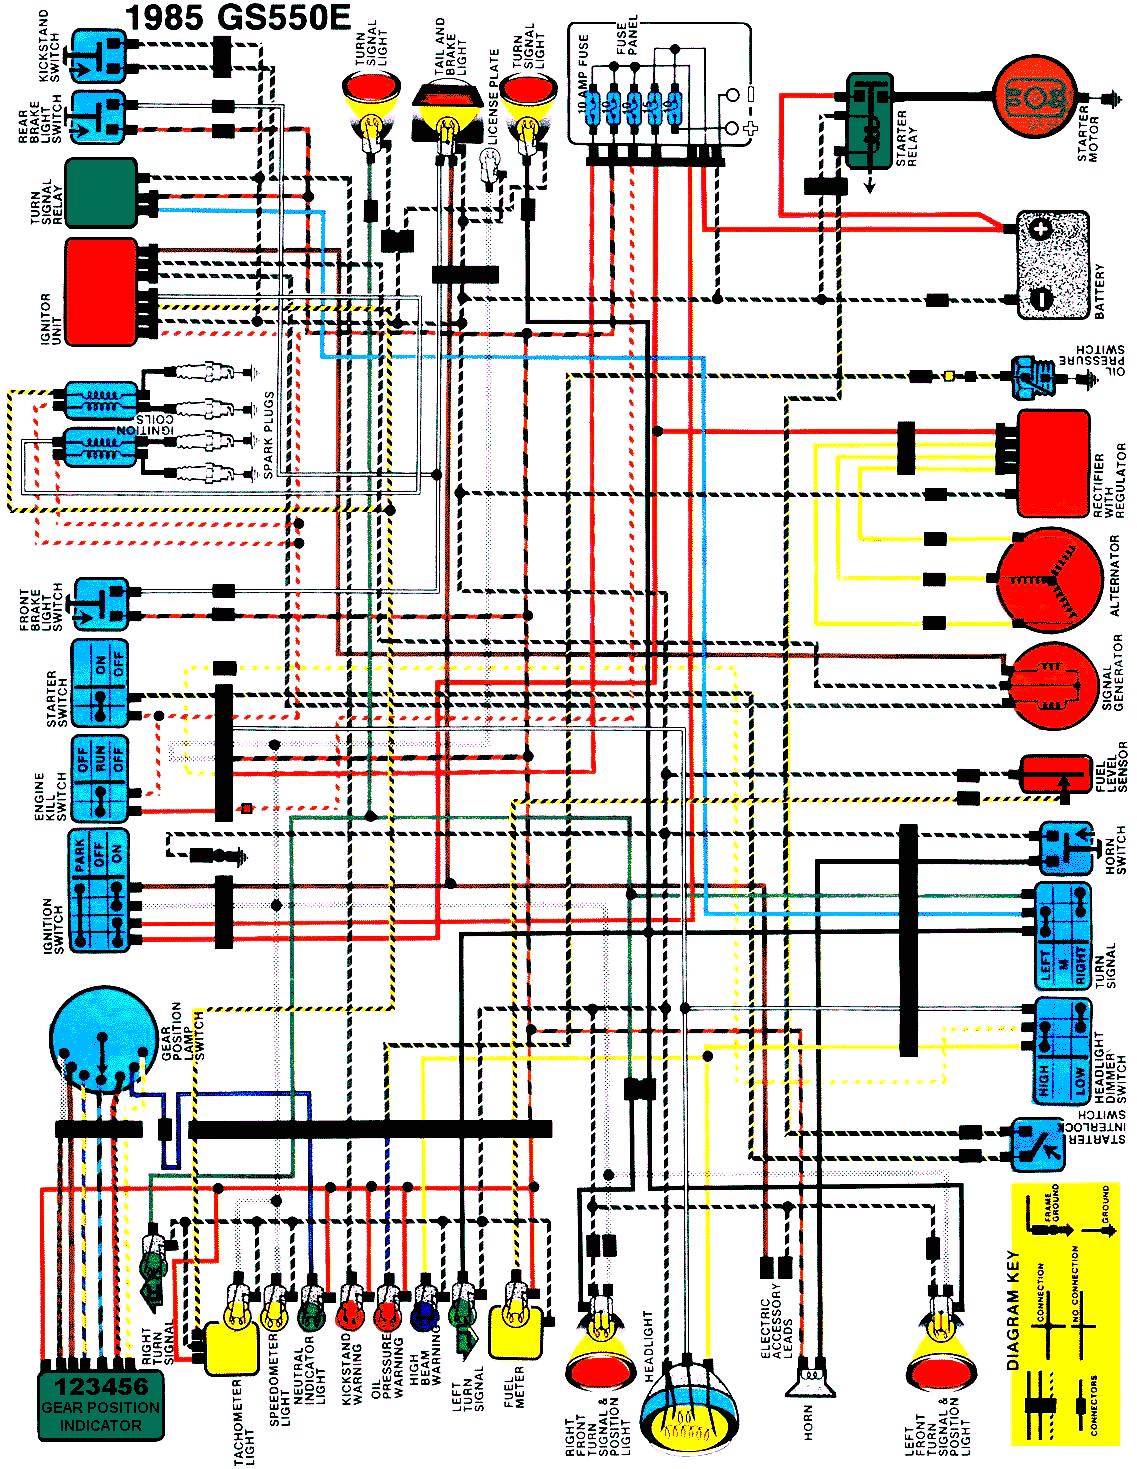 suzuki gr 650 wiring diagram wiring diagram data1982 suzuki gs550 wiring diagram battlefield 2 cracked patch